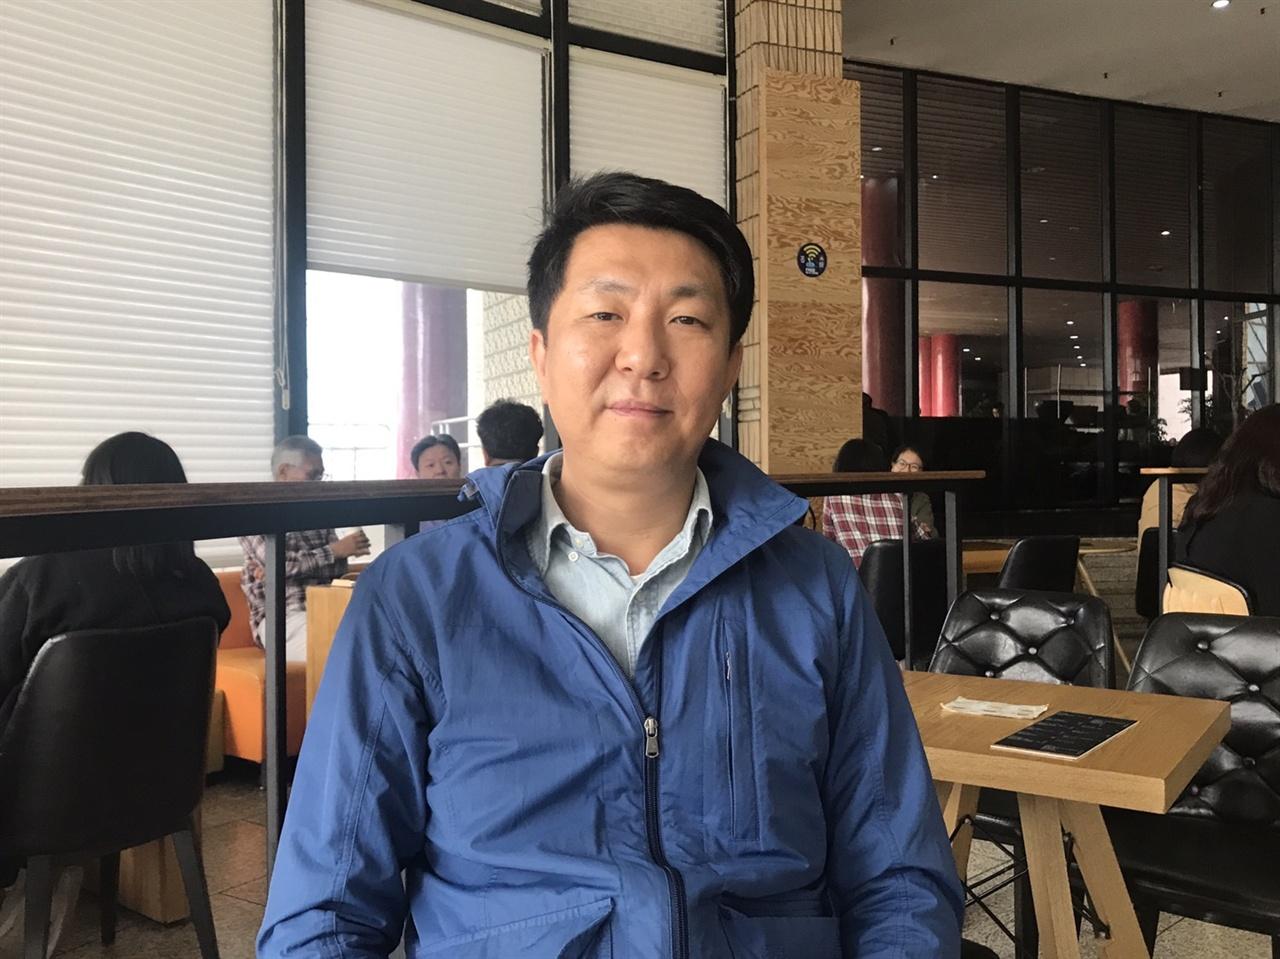 <저널리즘 토크쇼 J>를 연출하는 김대영 KBS 기자